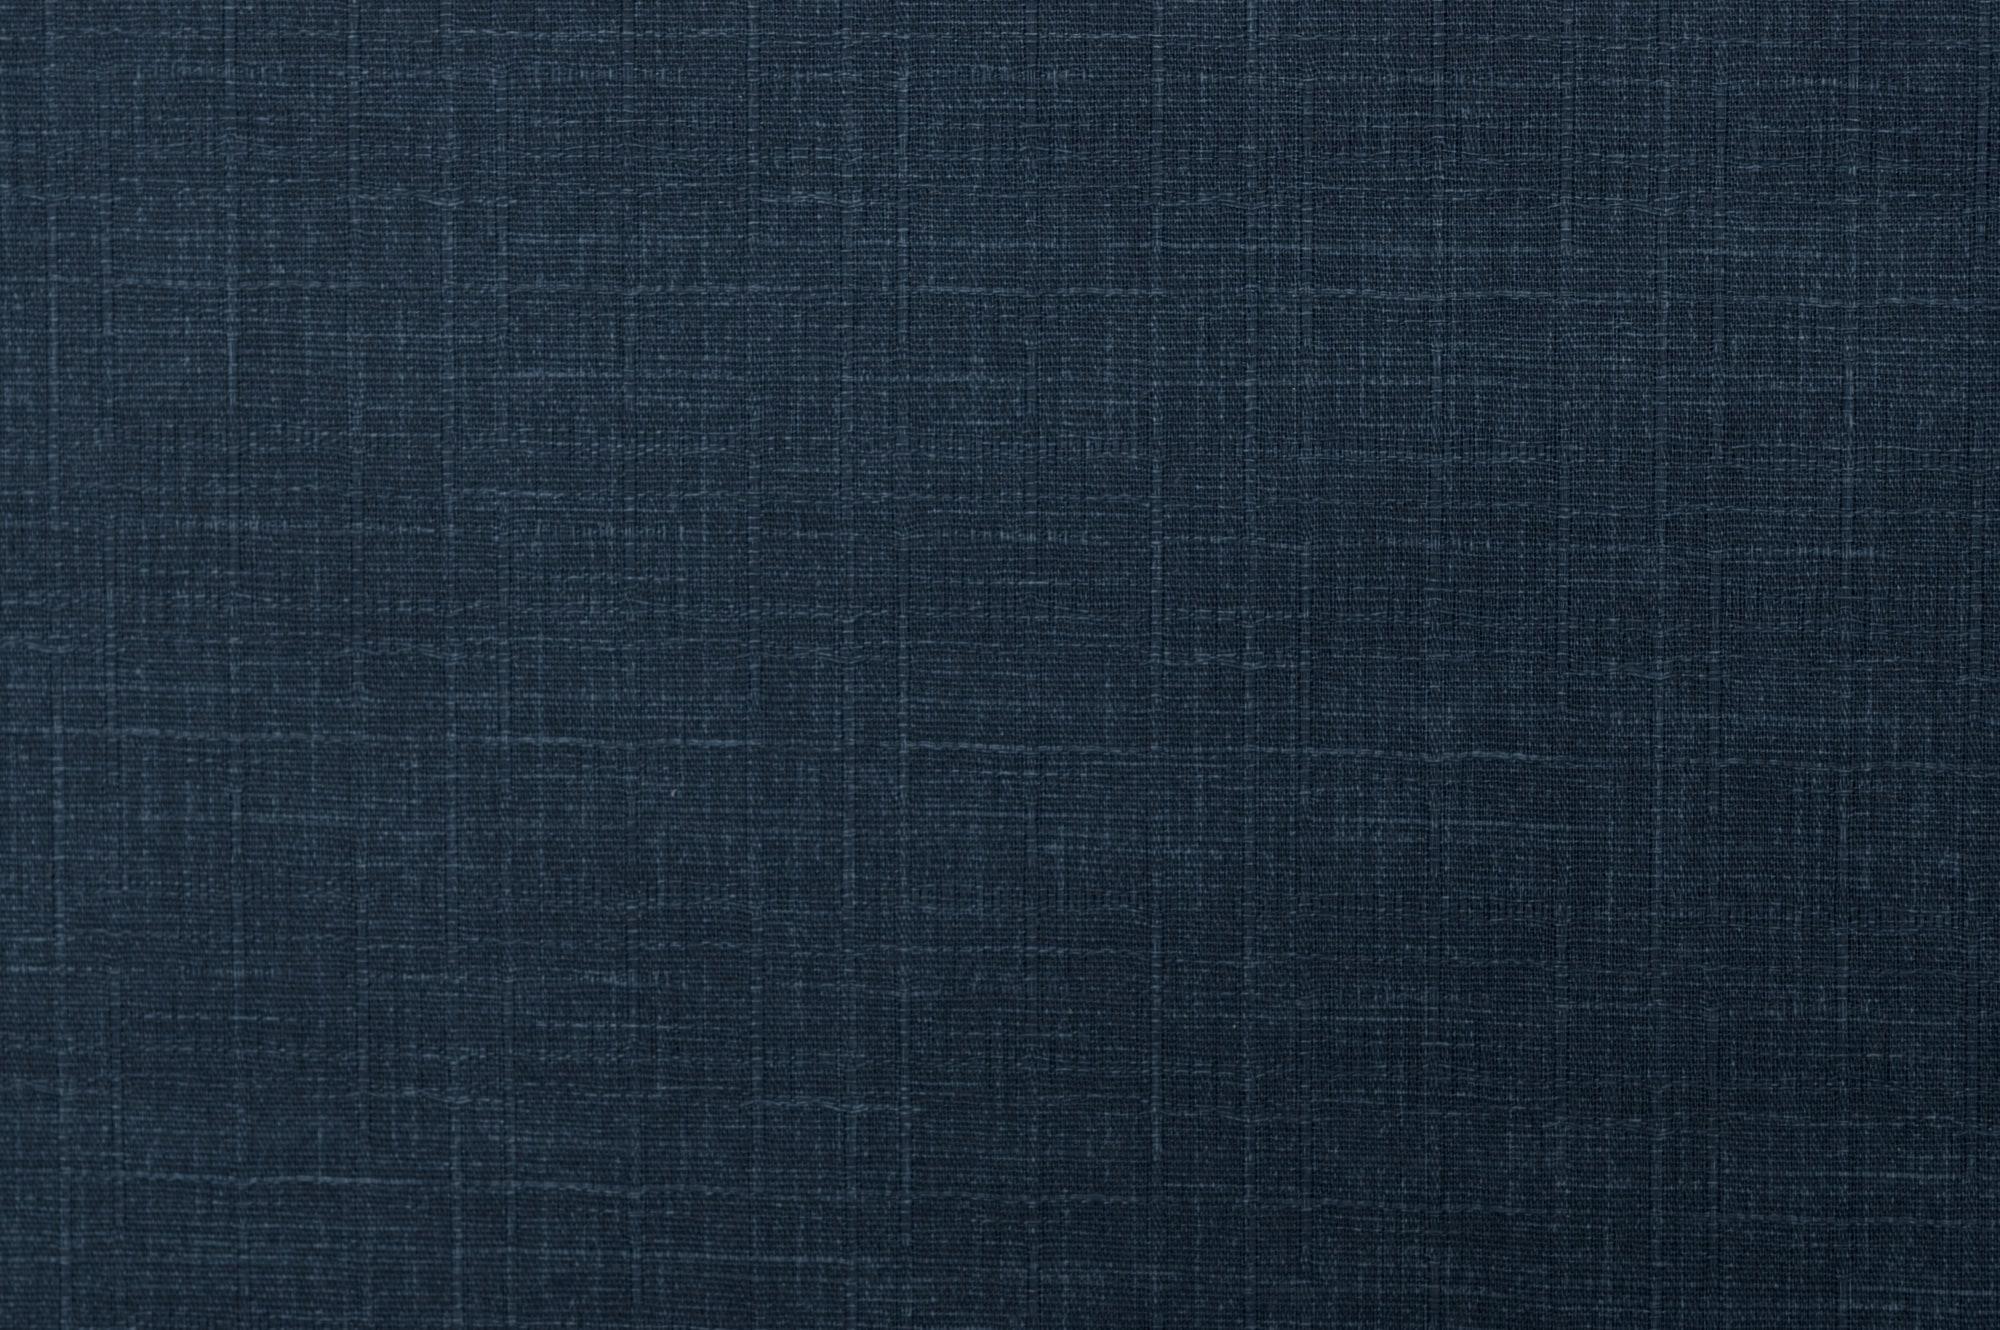 tissus Borali drop 2 en coton japonais